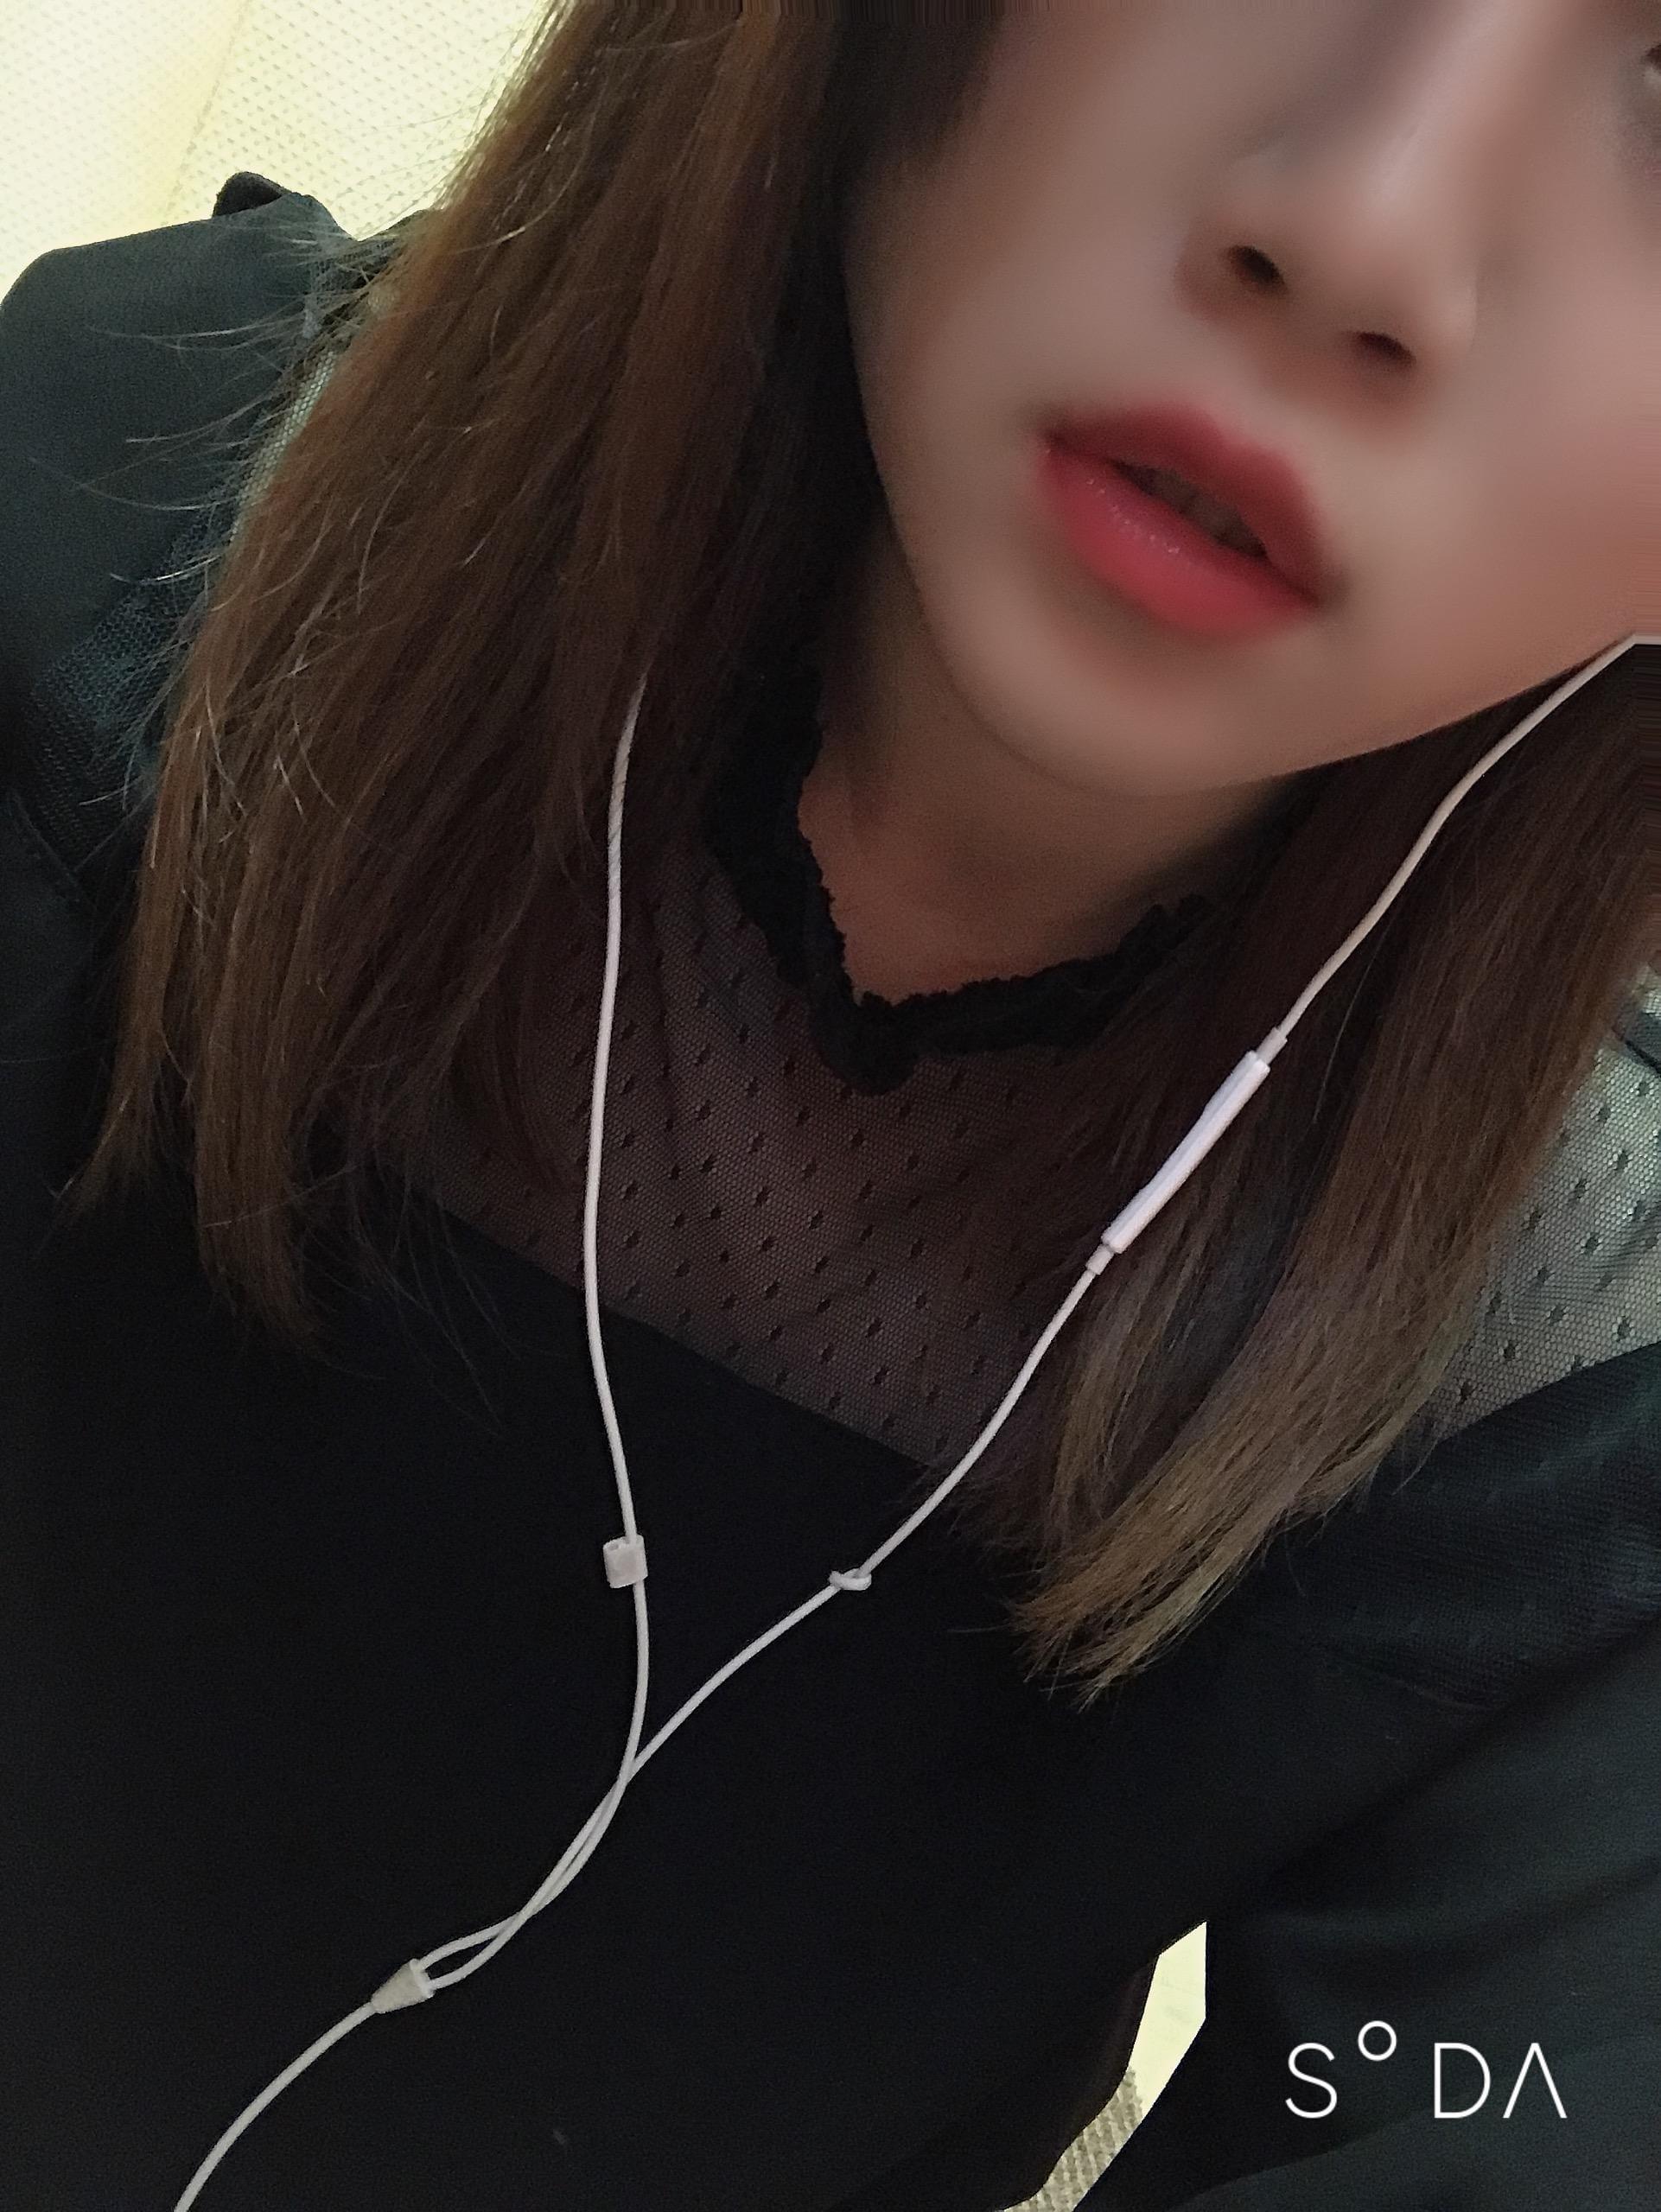 「れなちゃん」06/17(06/17) 14:54   れなの写メ・風俗動画